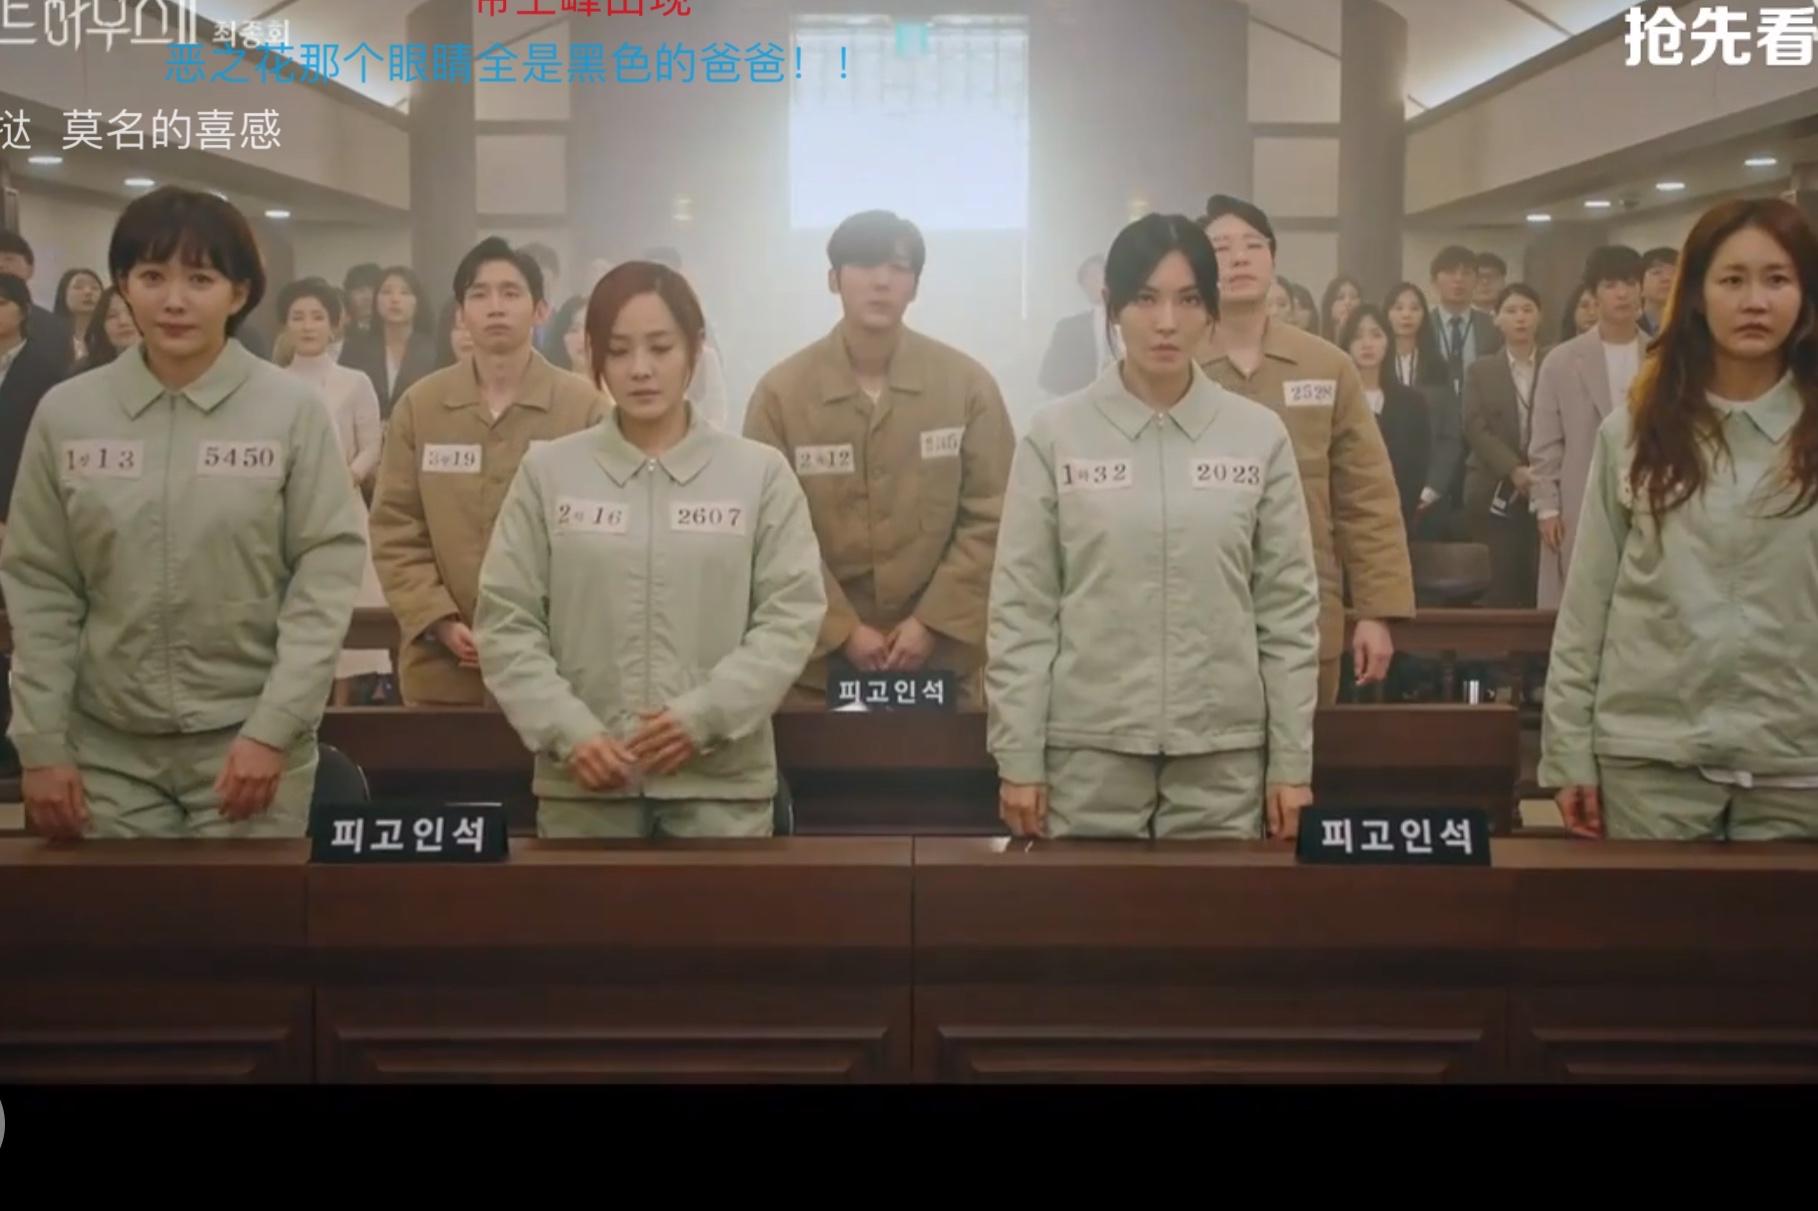 《顶楼2》大结局:吴允熙自首7人被判刑,周丹泰炸死洛根李?